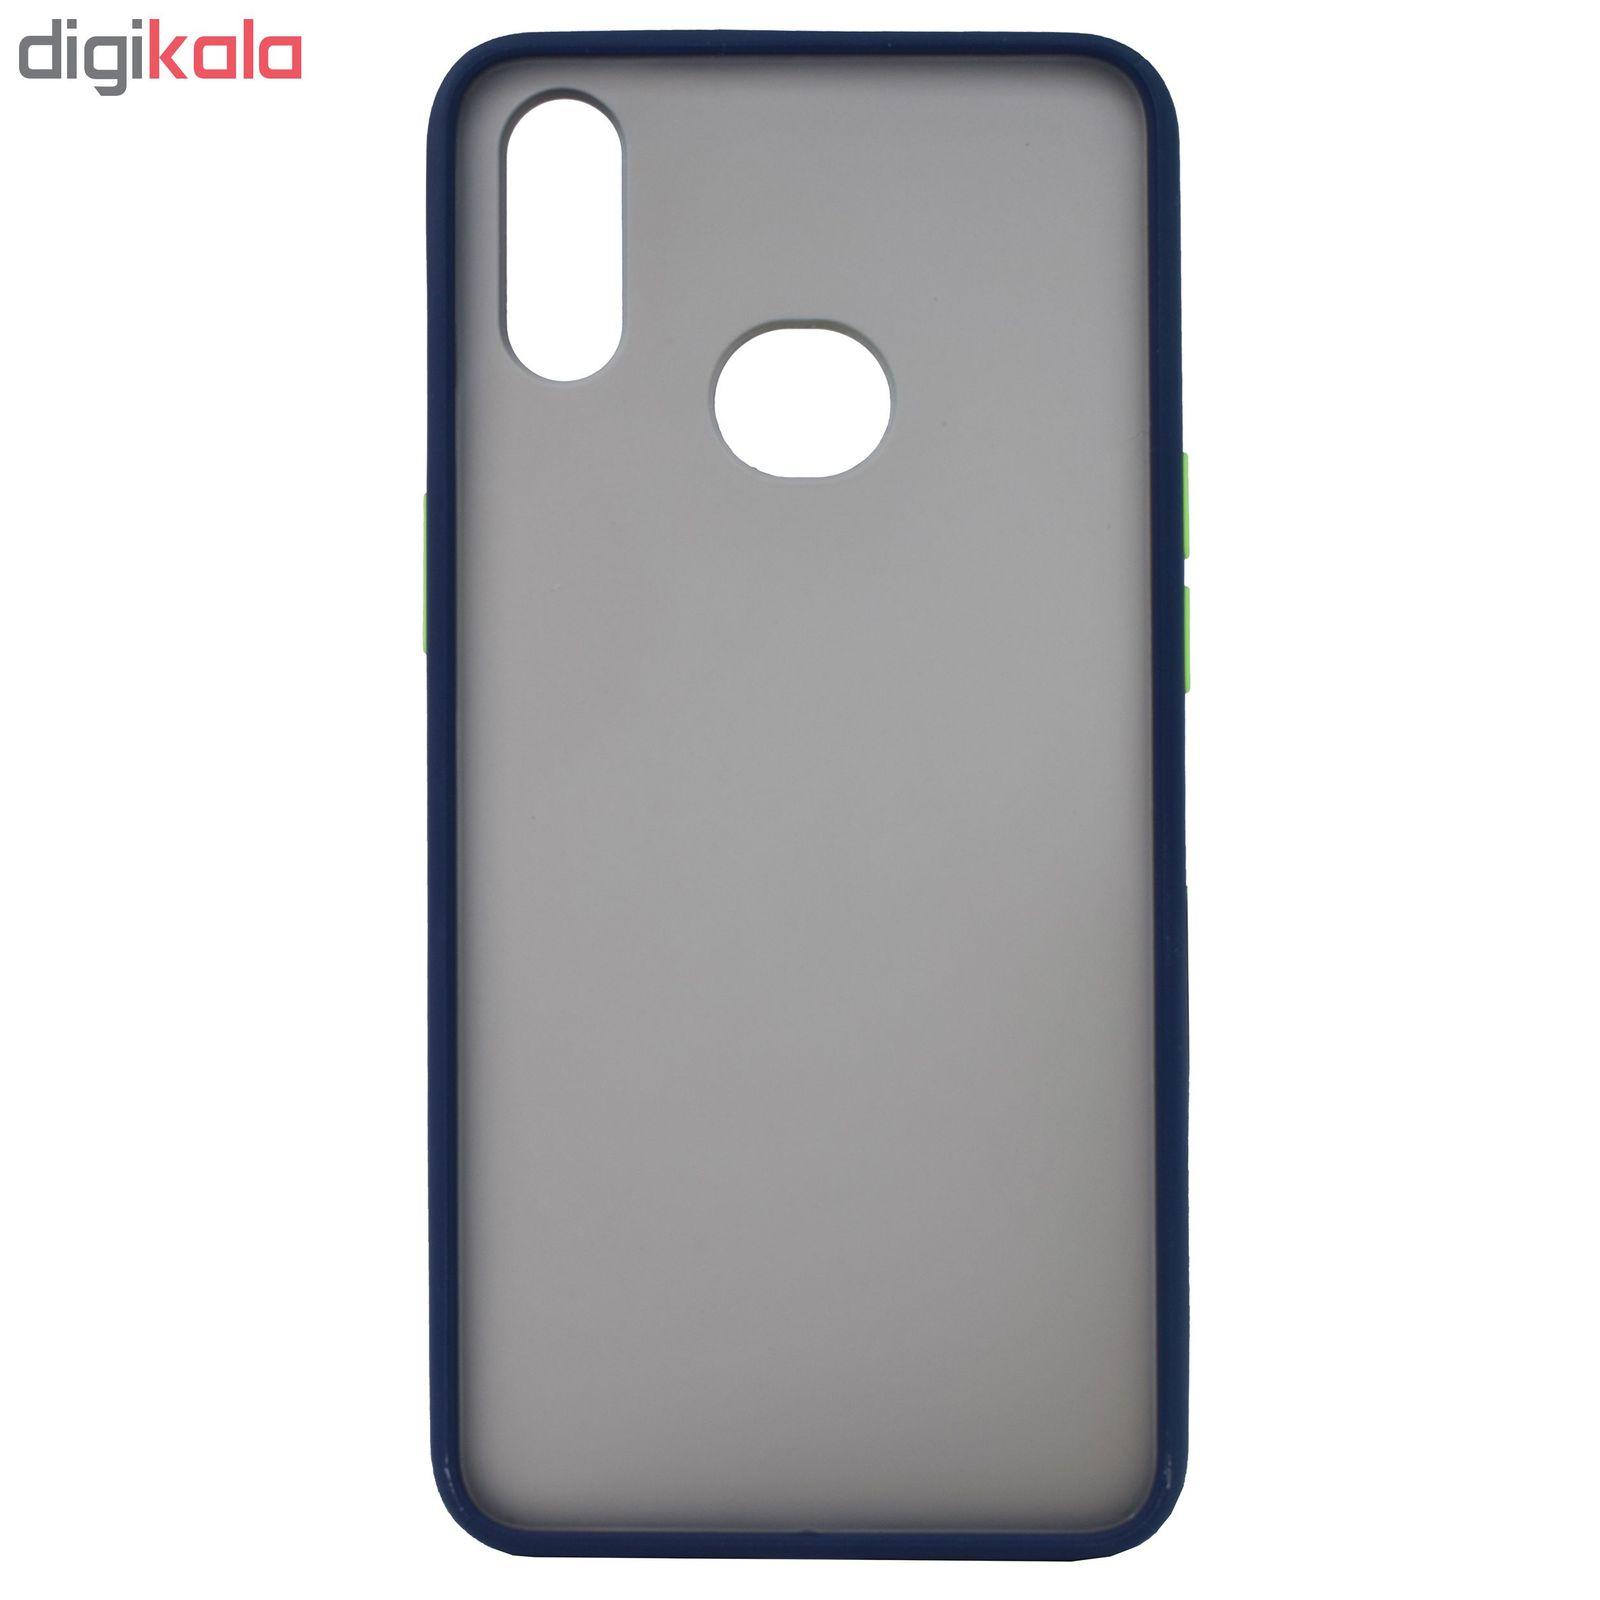 کاور مدل Slico01 مناسب برای گوشی موبایل سامسونگ Galaxy A10S main 1 9